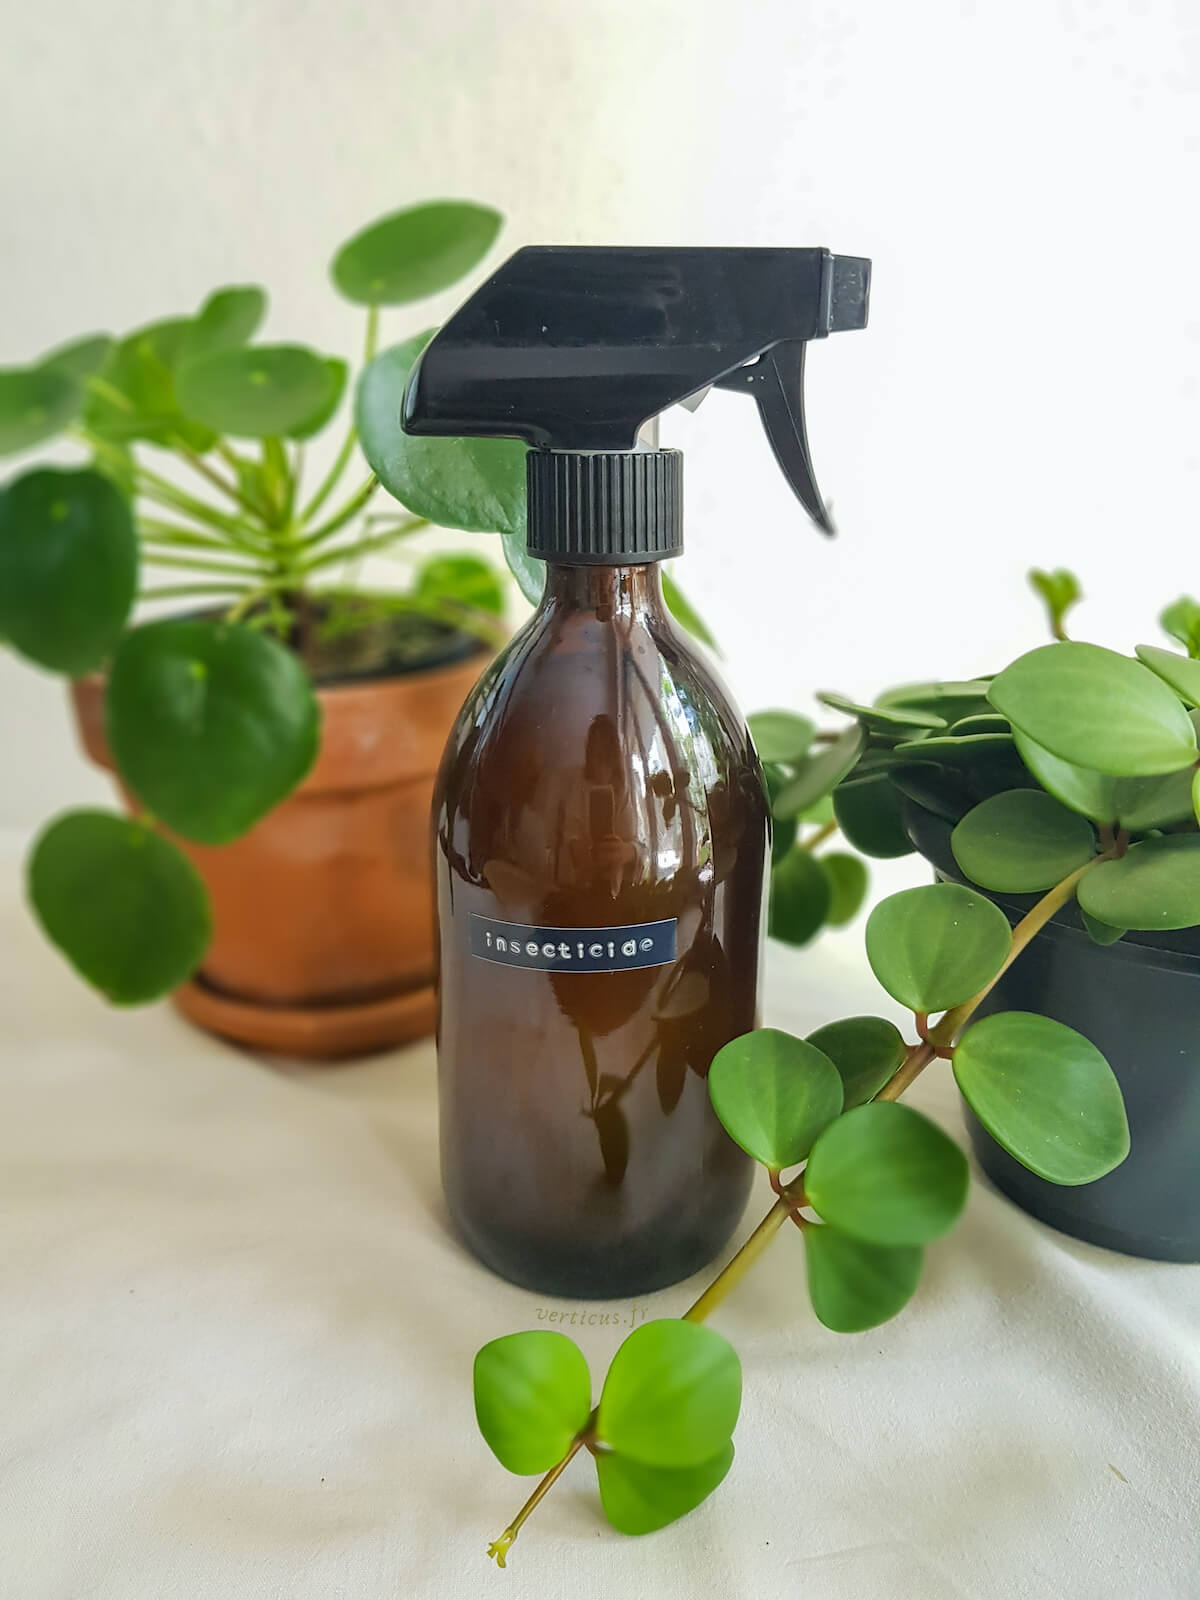 Recette d'insecticide naturel au savon noir pour les plantes